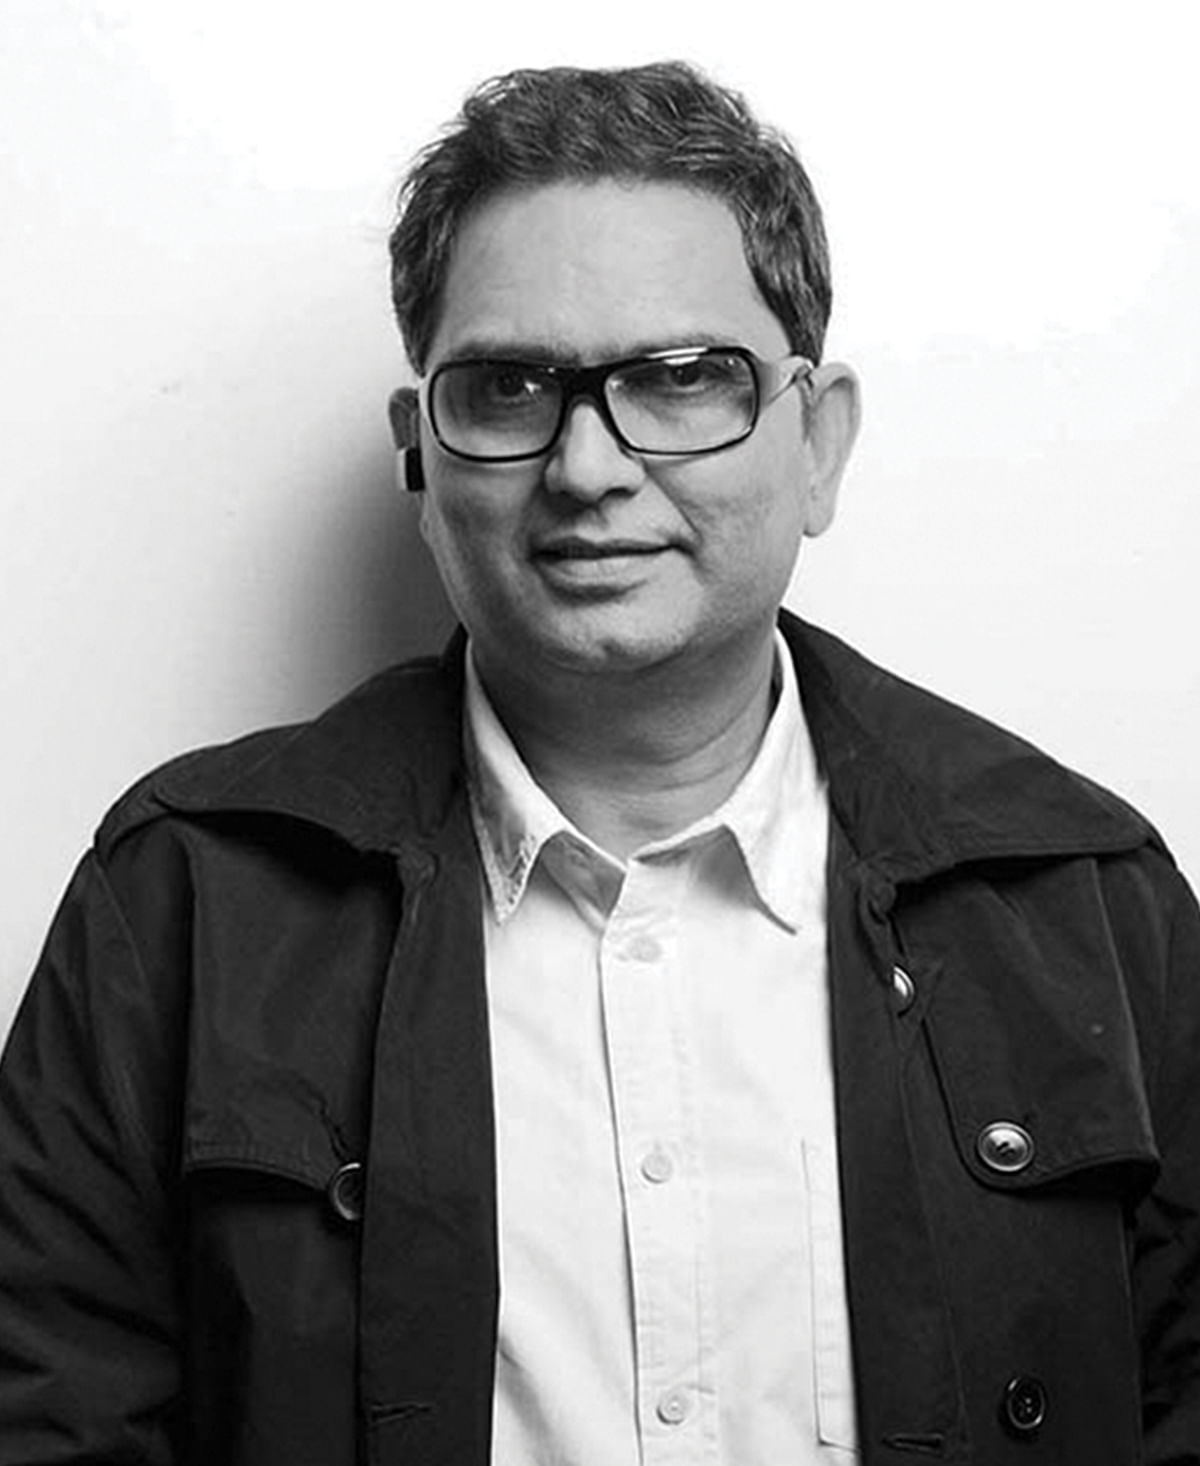 Sartaj Jaffri